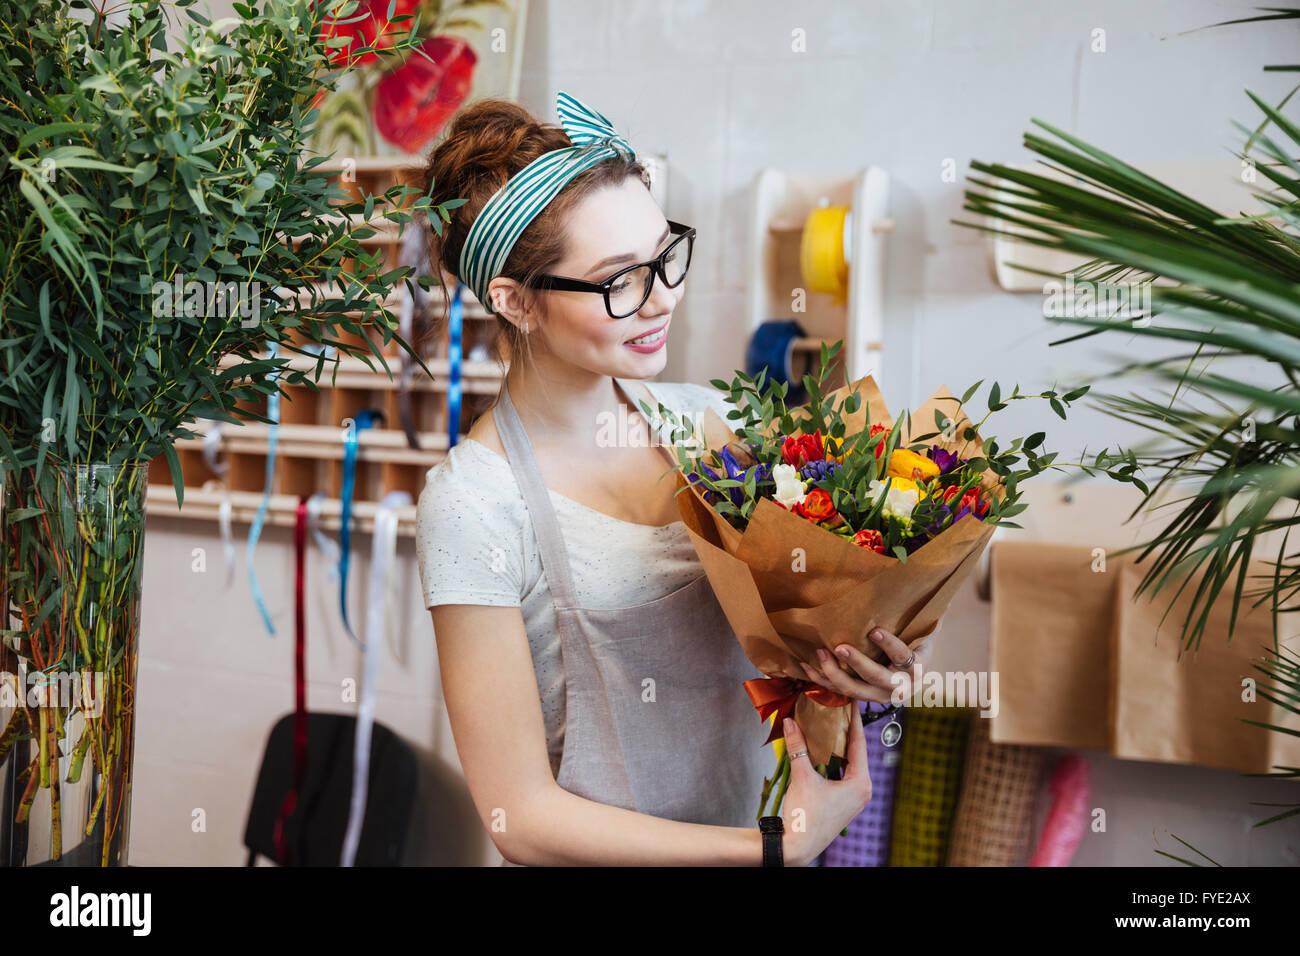 Smiling attractive young woman florist debout et tenant un bouquet de fleurs en boutique Photo Stock